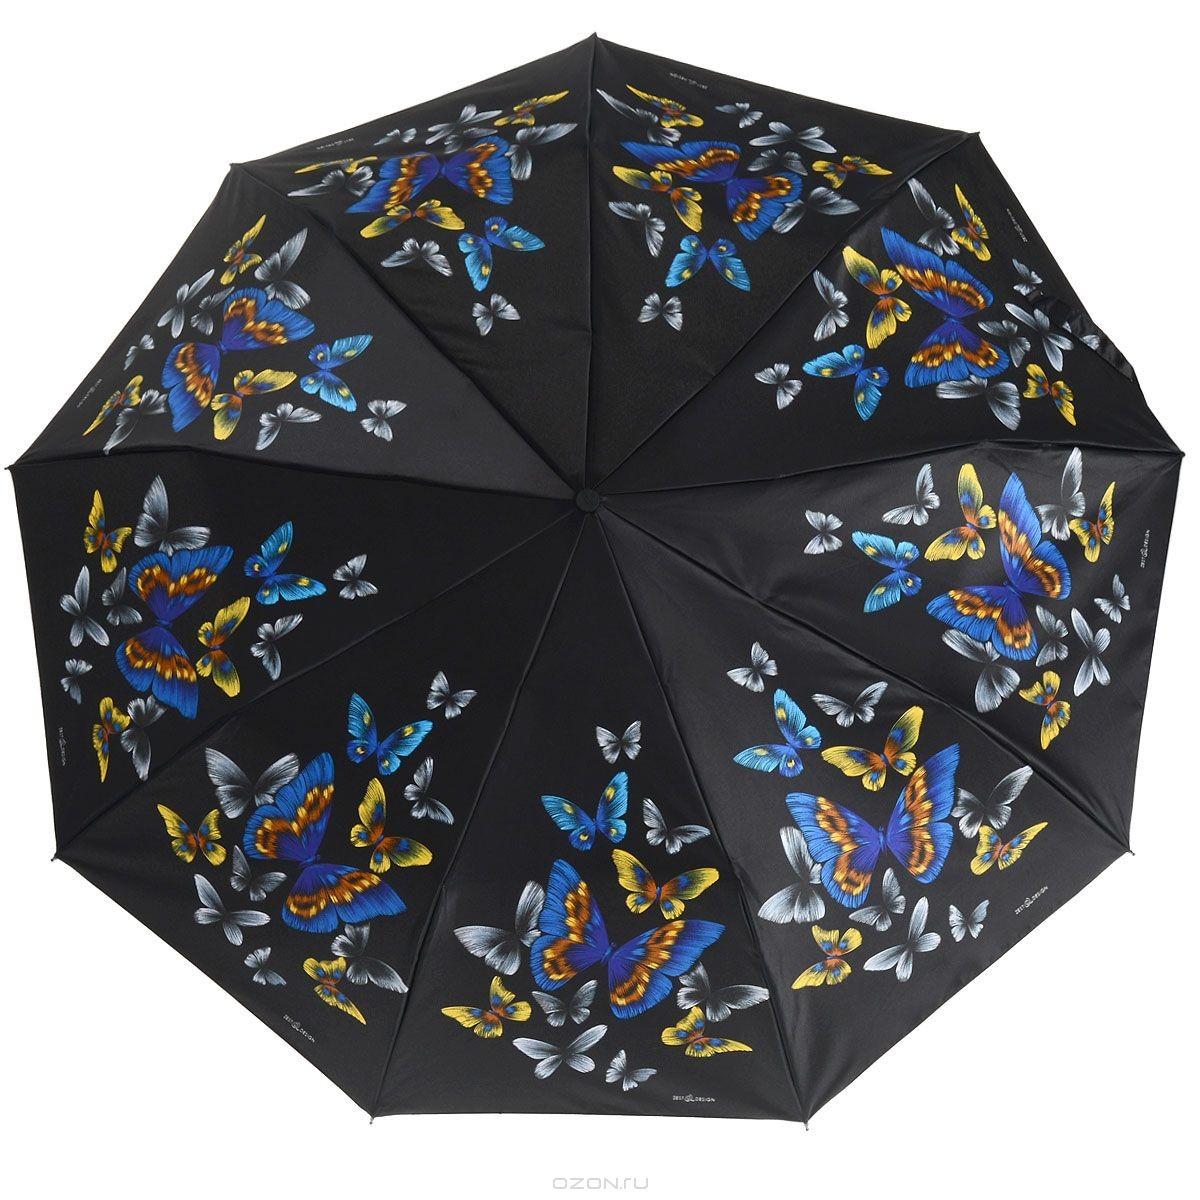 Зонт Zest, полный автомат, 3 сложения, черно-синий